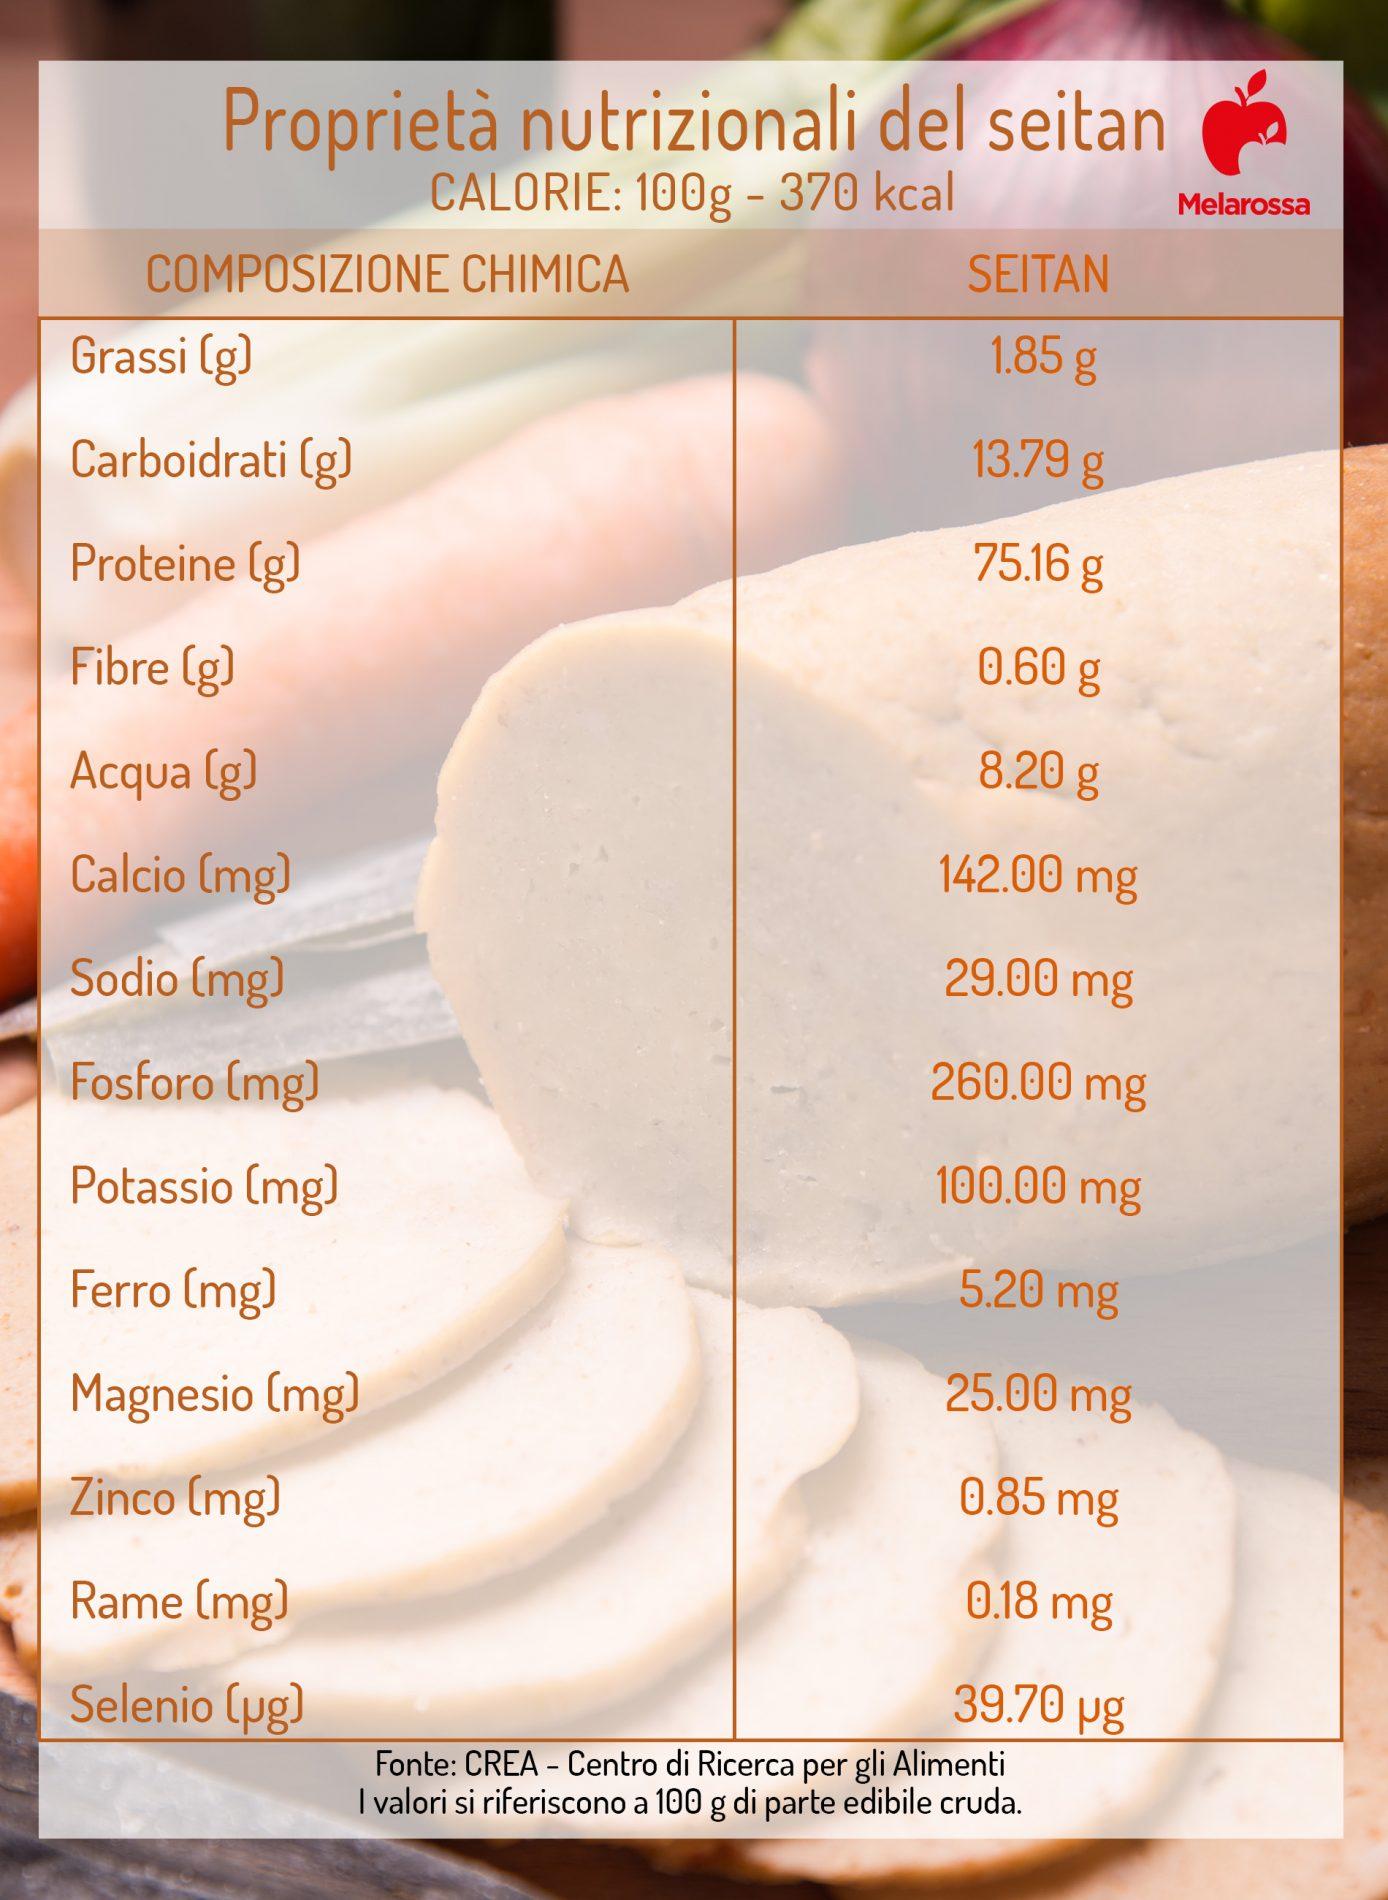 Seitan: valori nutrizionali